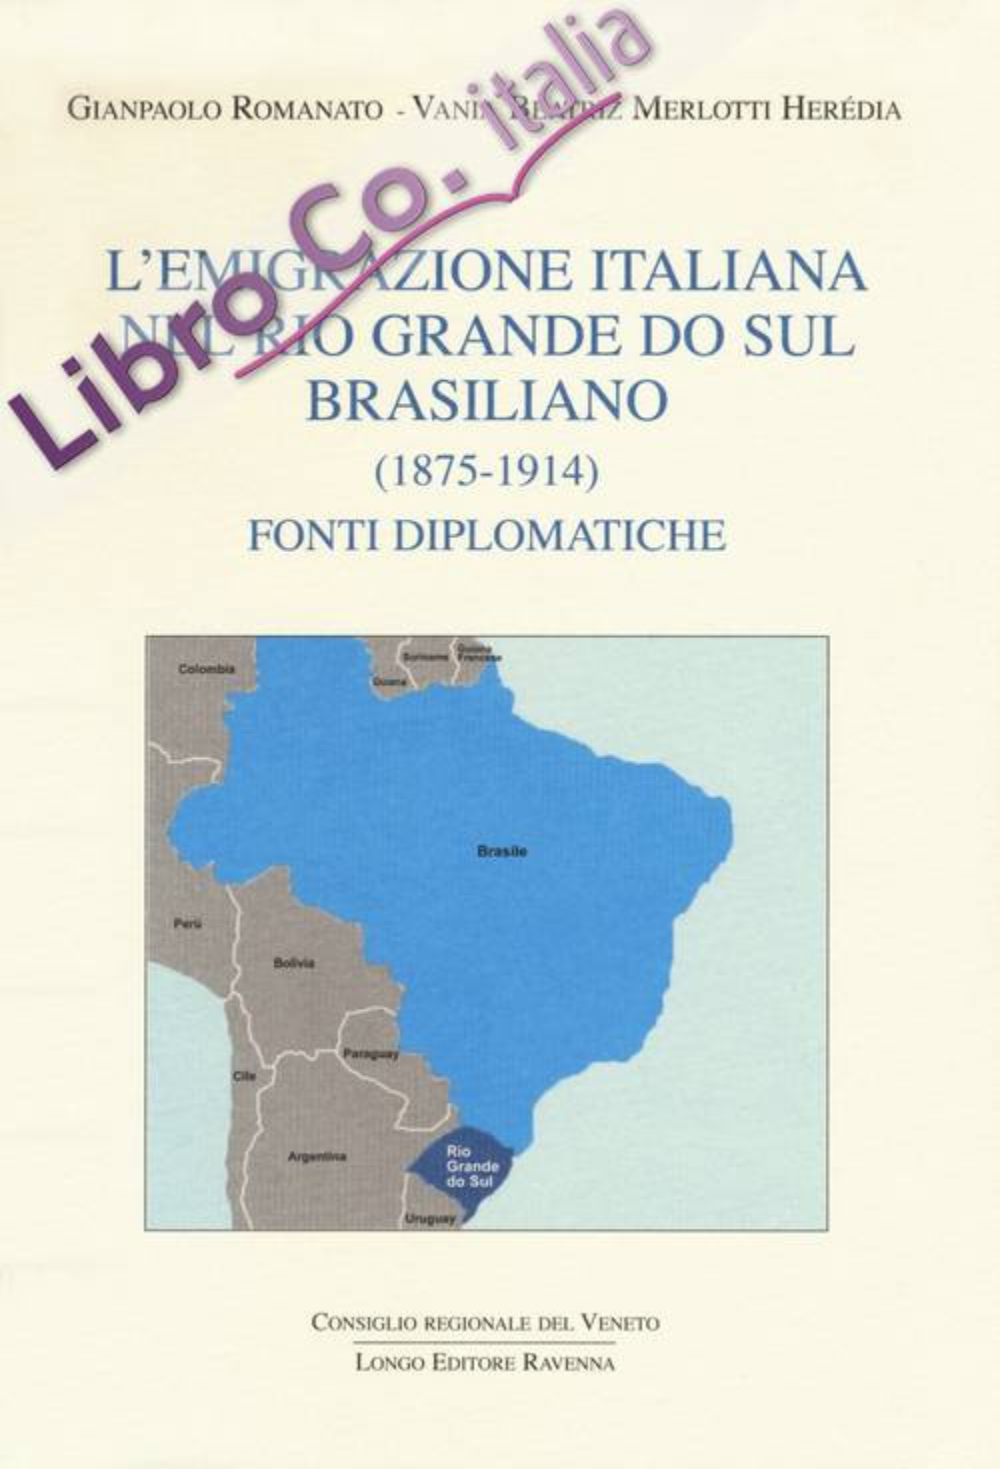 L'emigrazione italiana nel Rio Grande do Sul brasiliano (1875-1914). Fonti diplomatiche